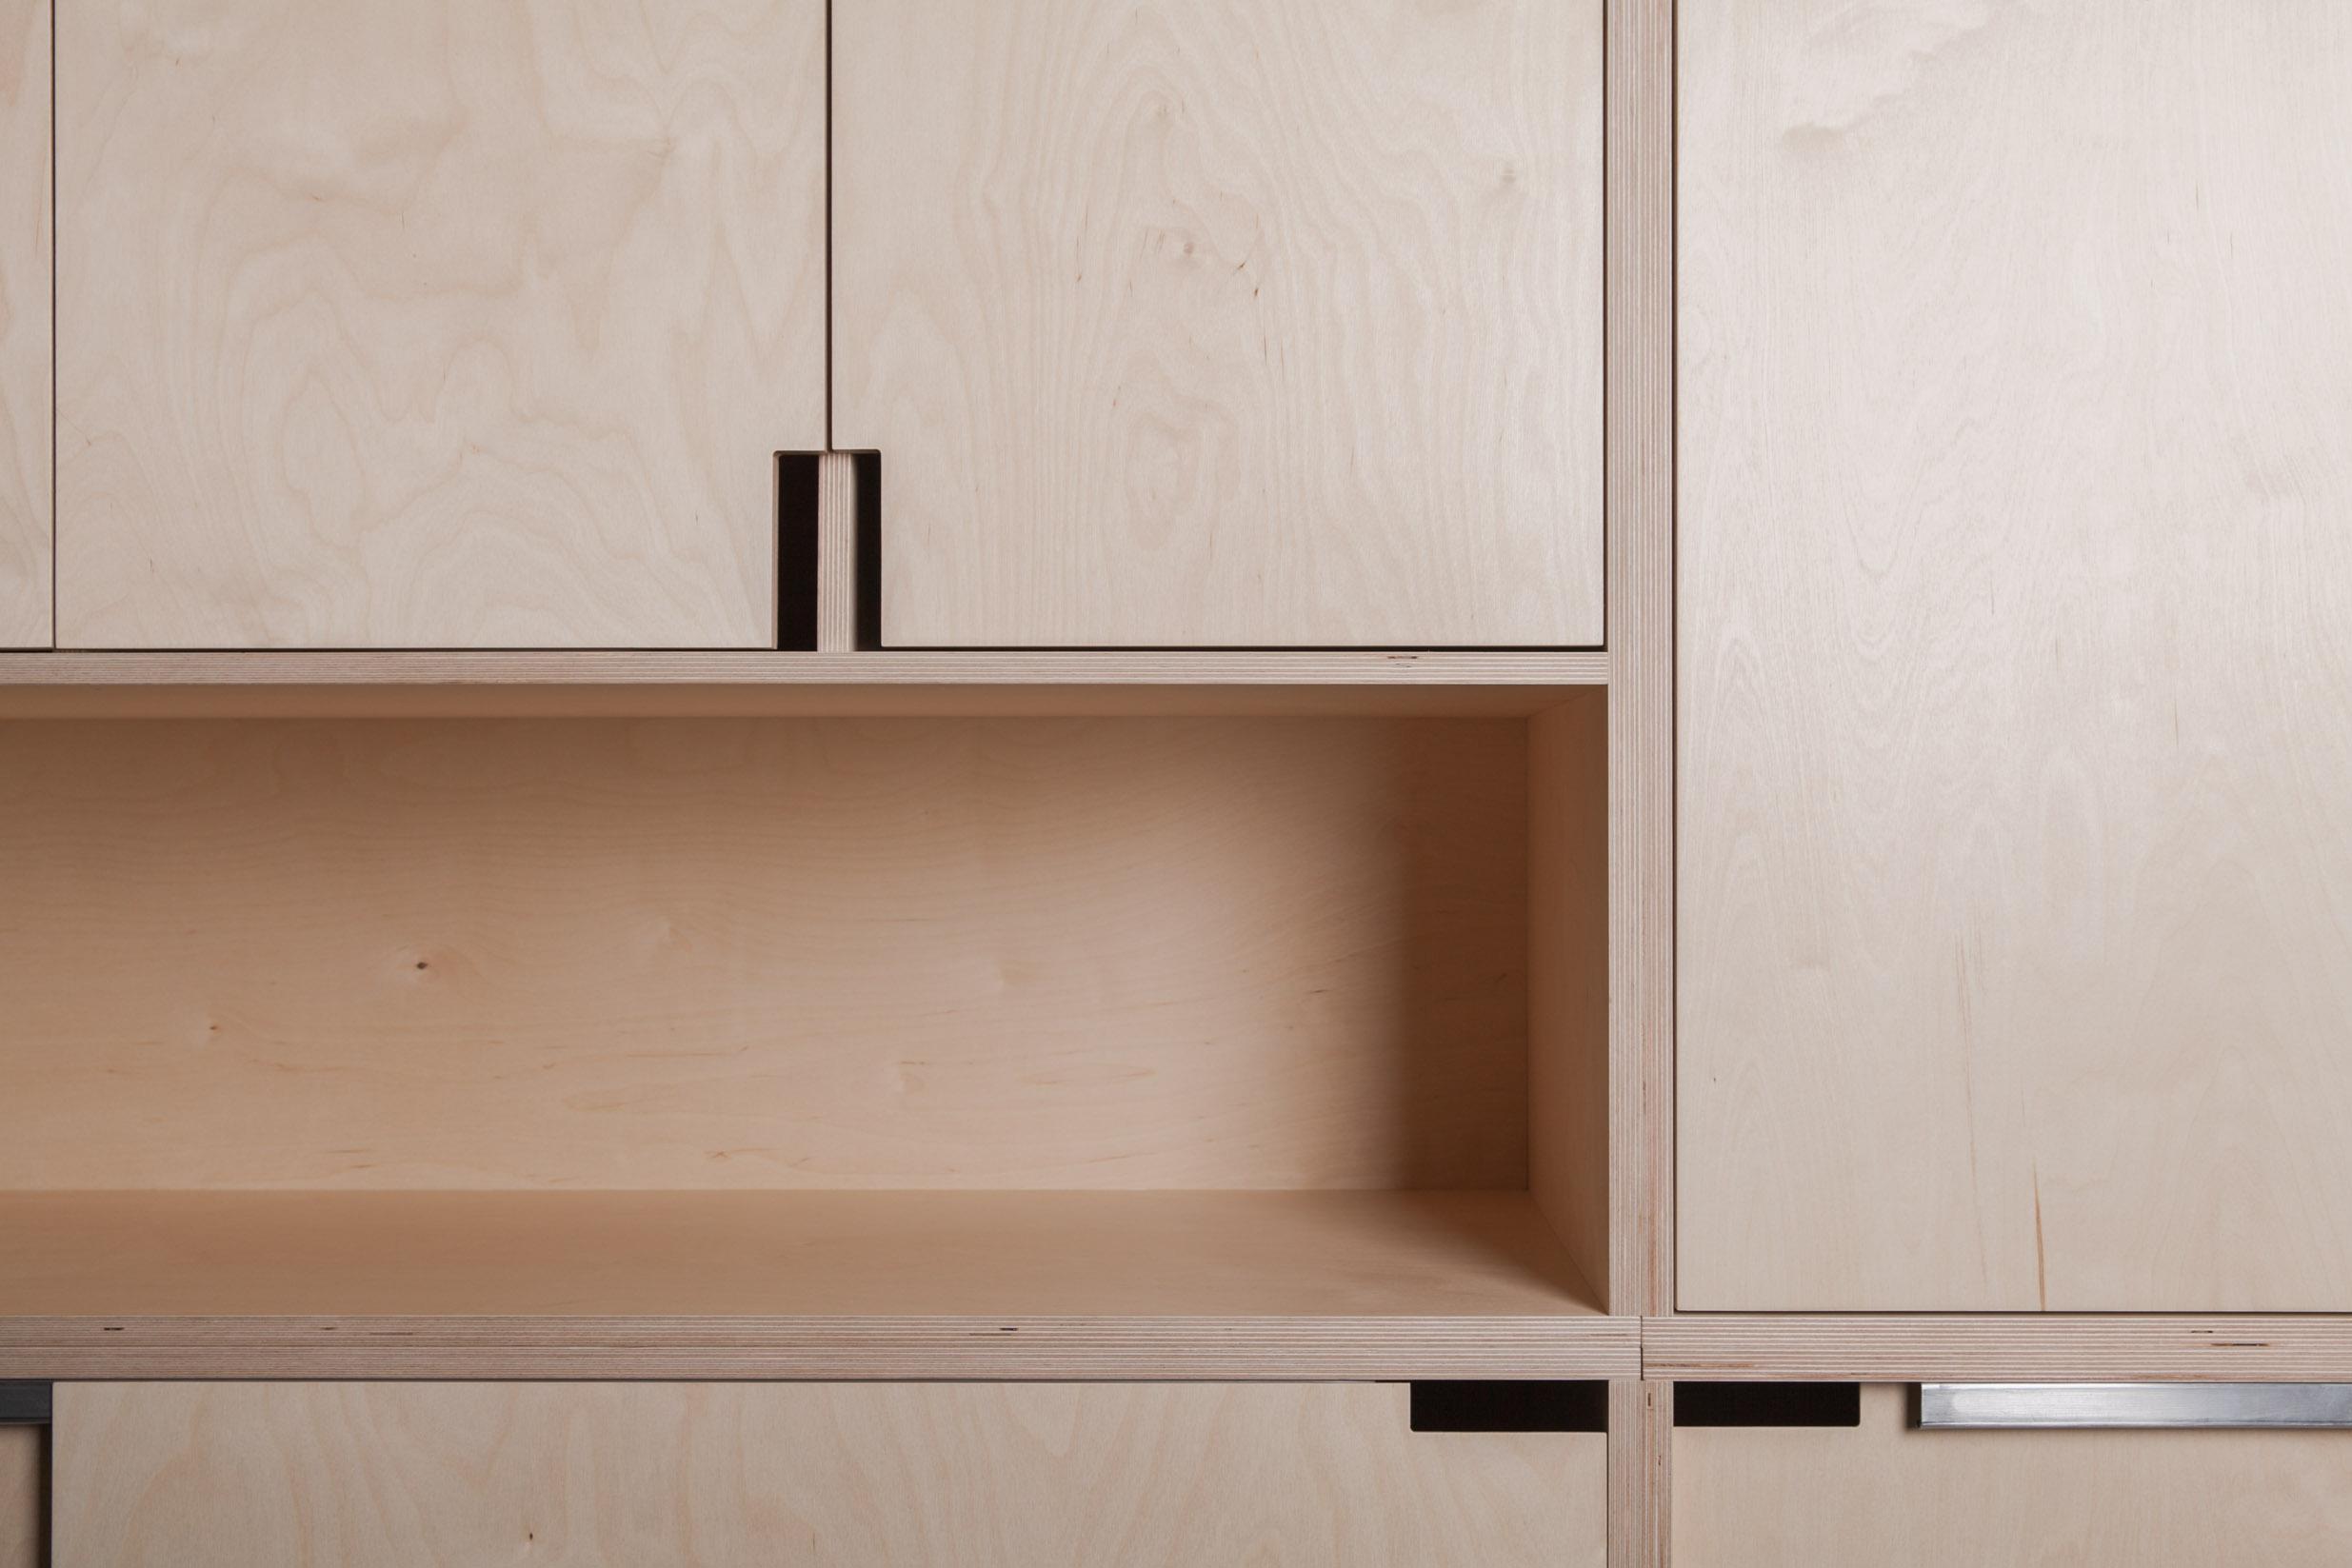 Kledingkast op maat · houtwerff · maatwerk interieurs en meubels